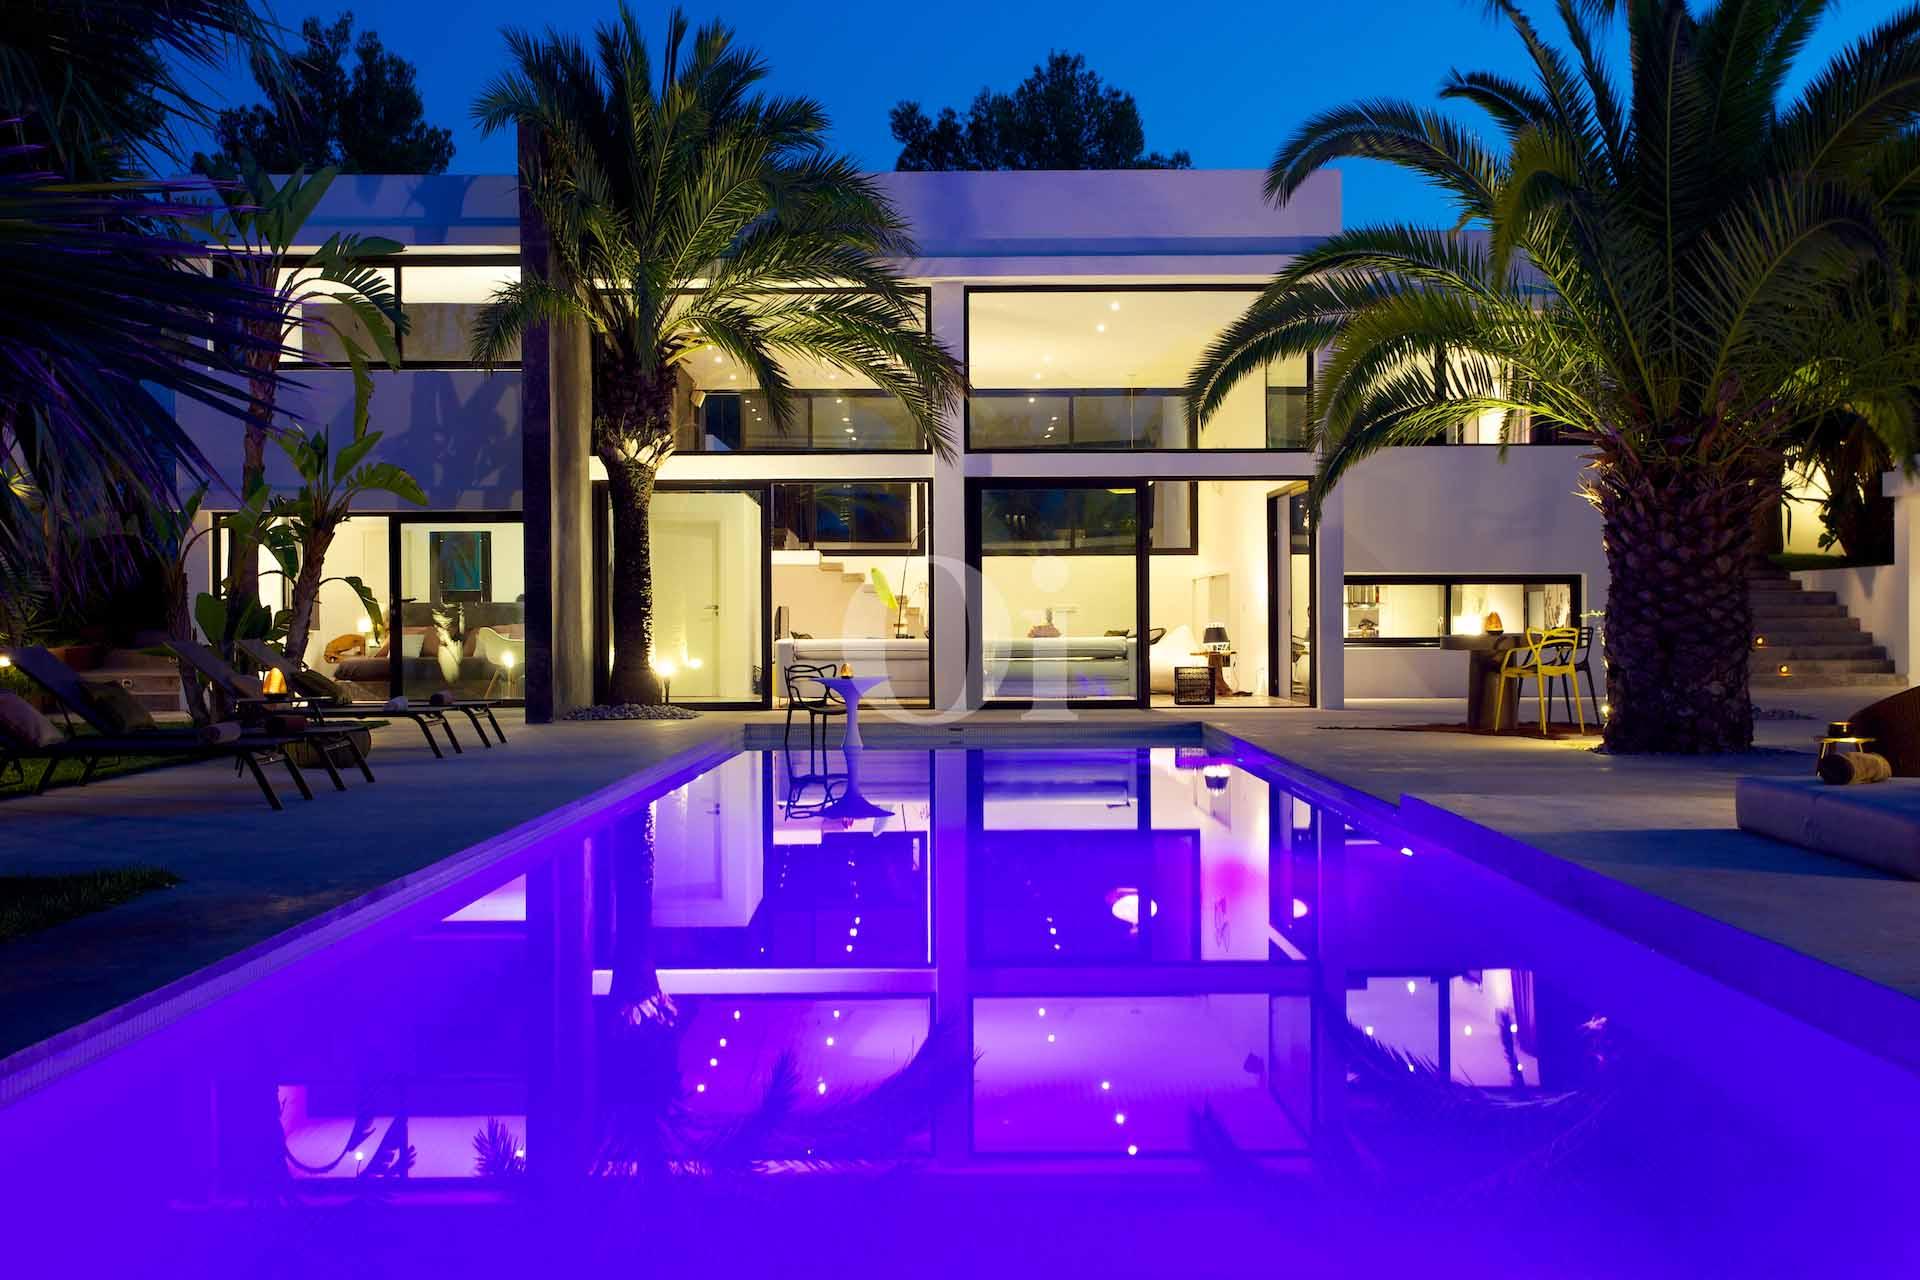 Buena iluminación de la casa